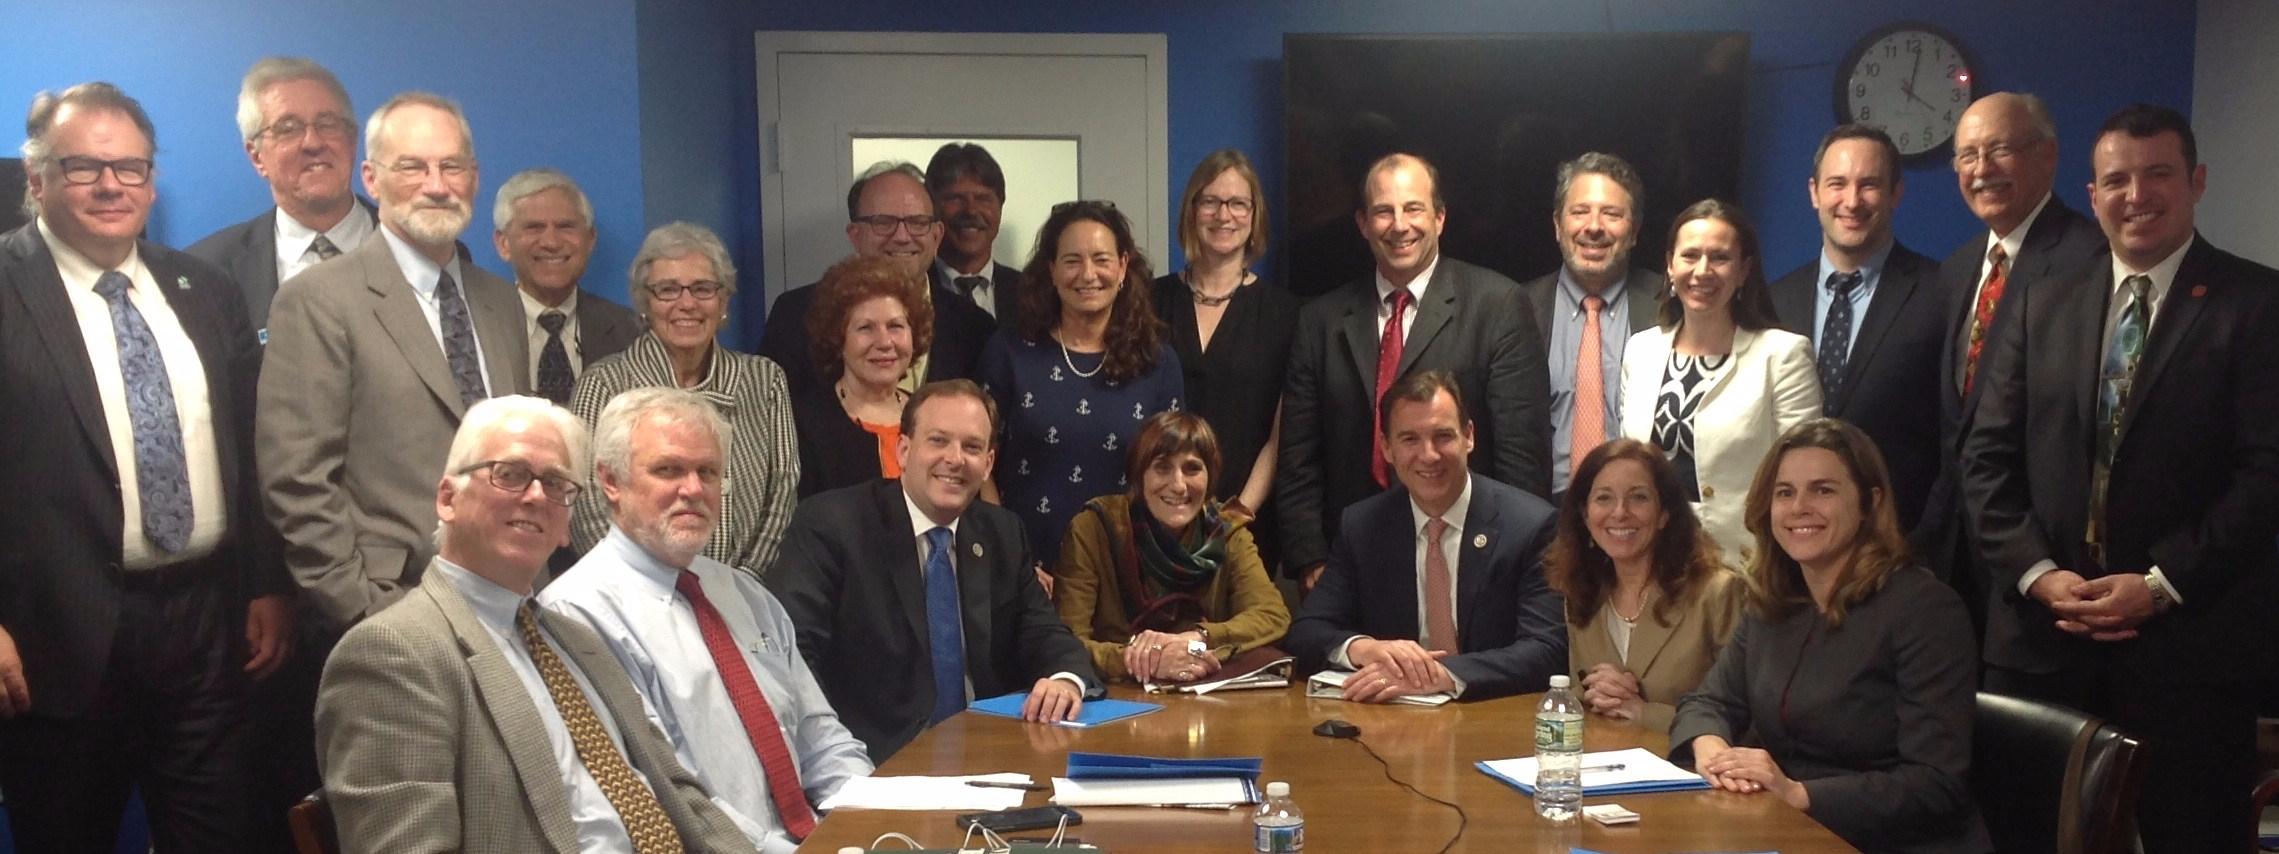 LIS Congressional Caucus